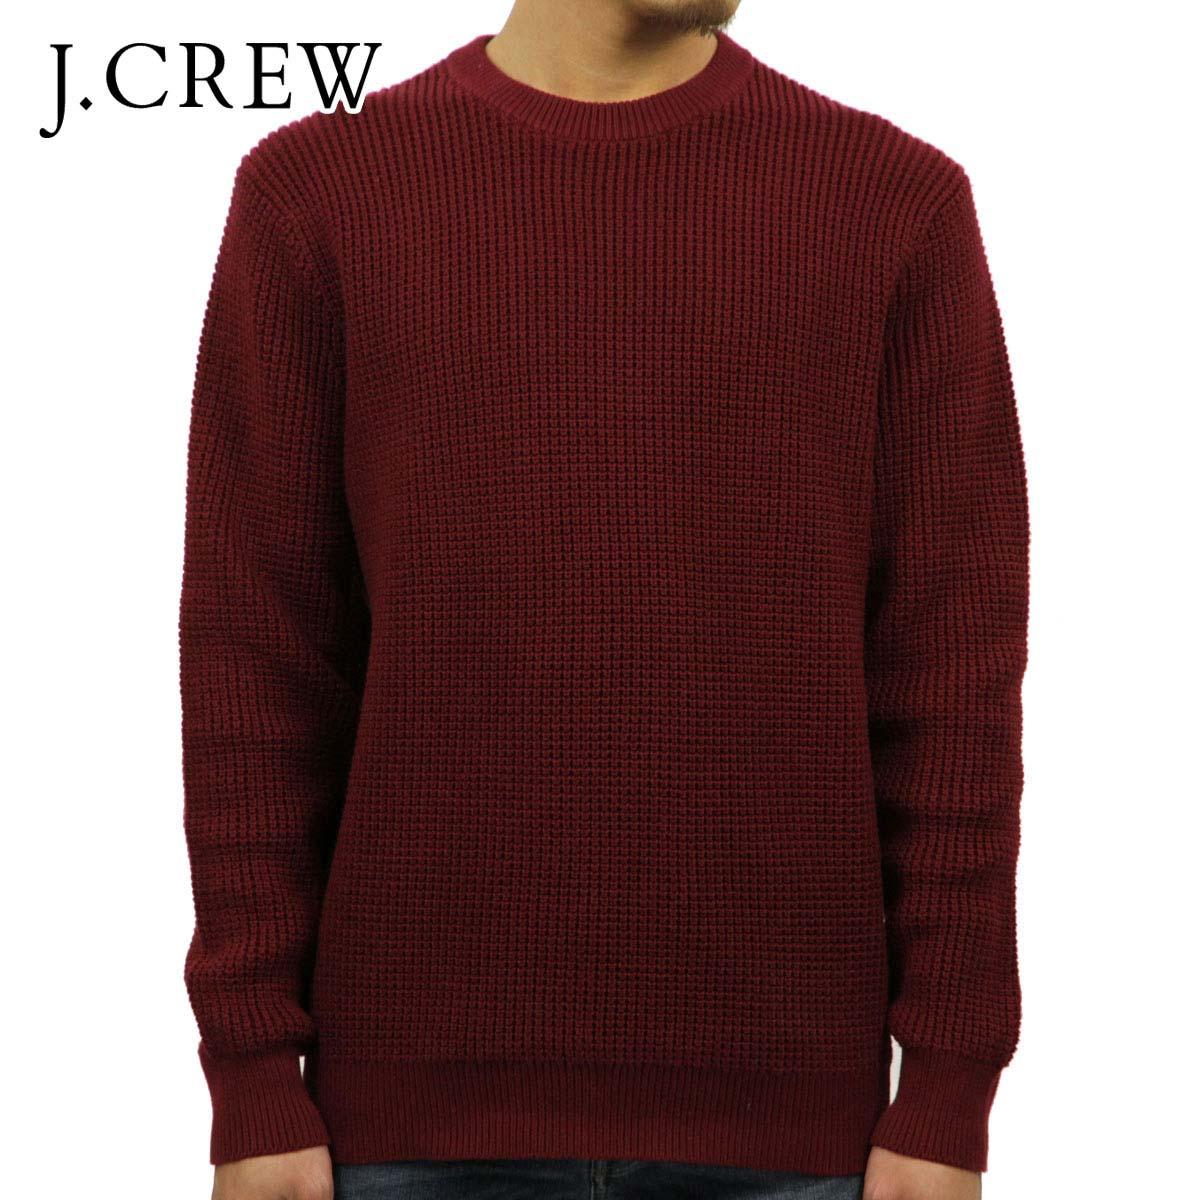 ジェイクルー J.CREW 正規品 メンズ コットンワッフルクルーネックセーター COTTON WAFFLE CREWNECK SWEATER BURGUNDY J7107